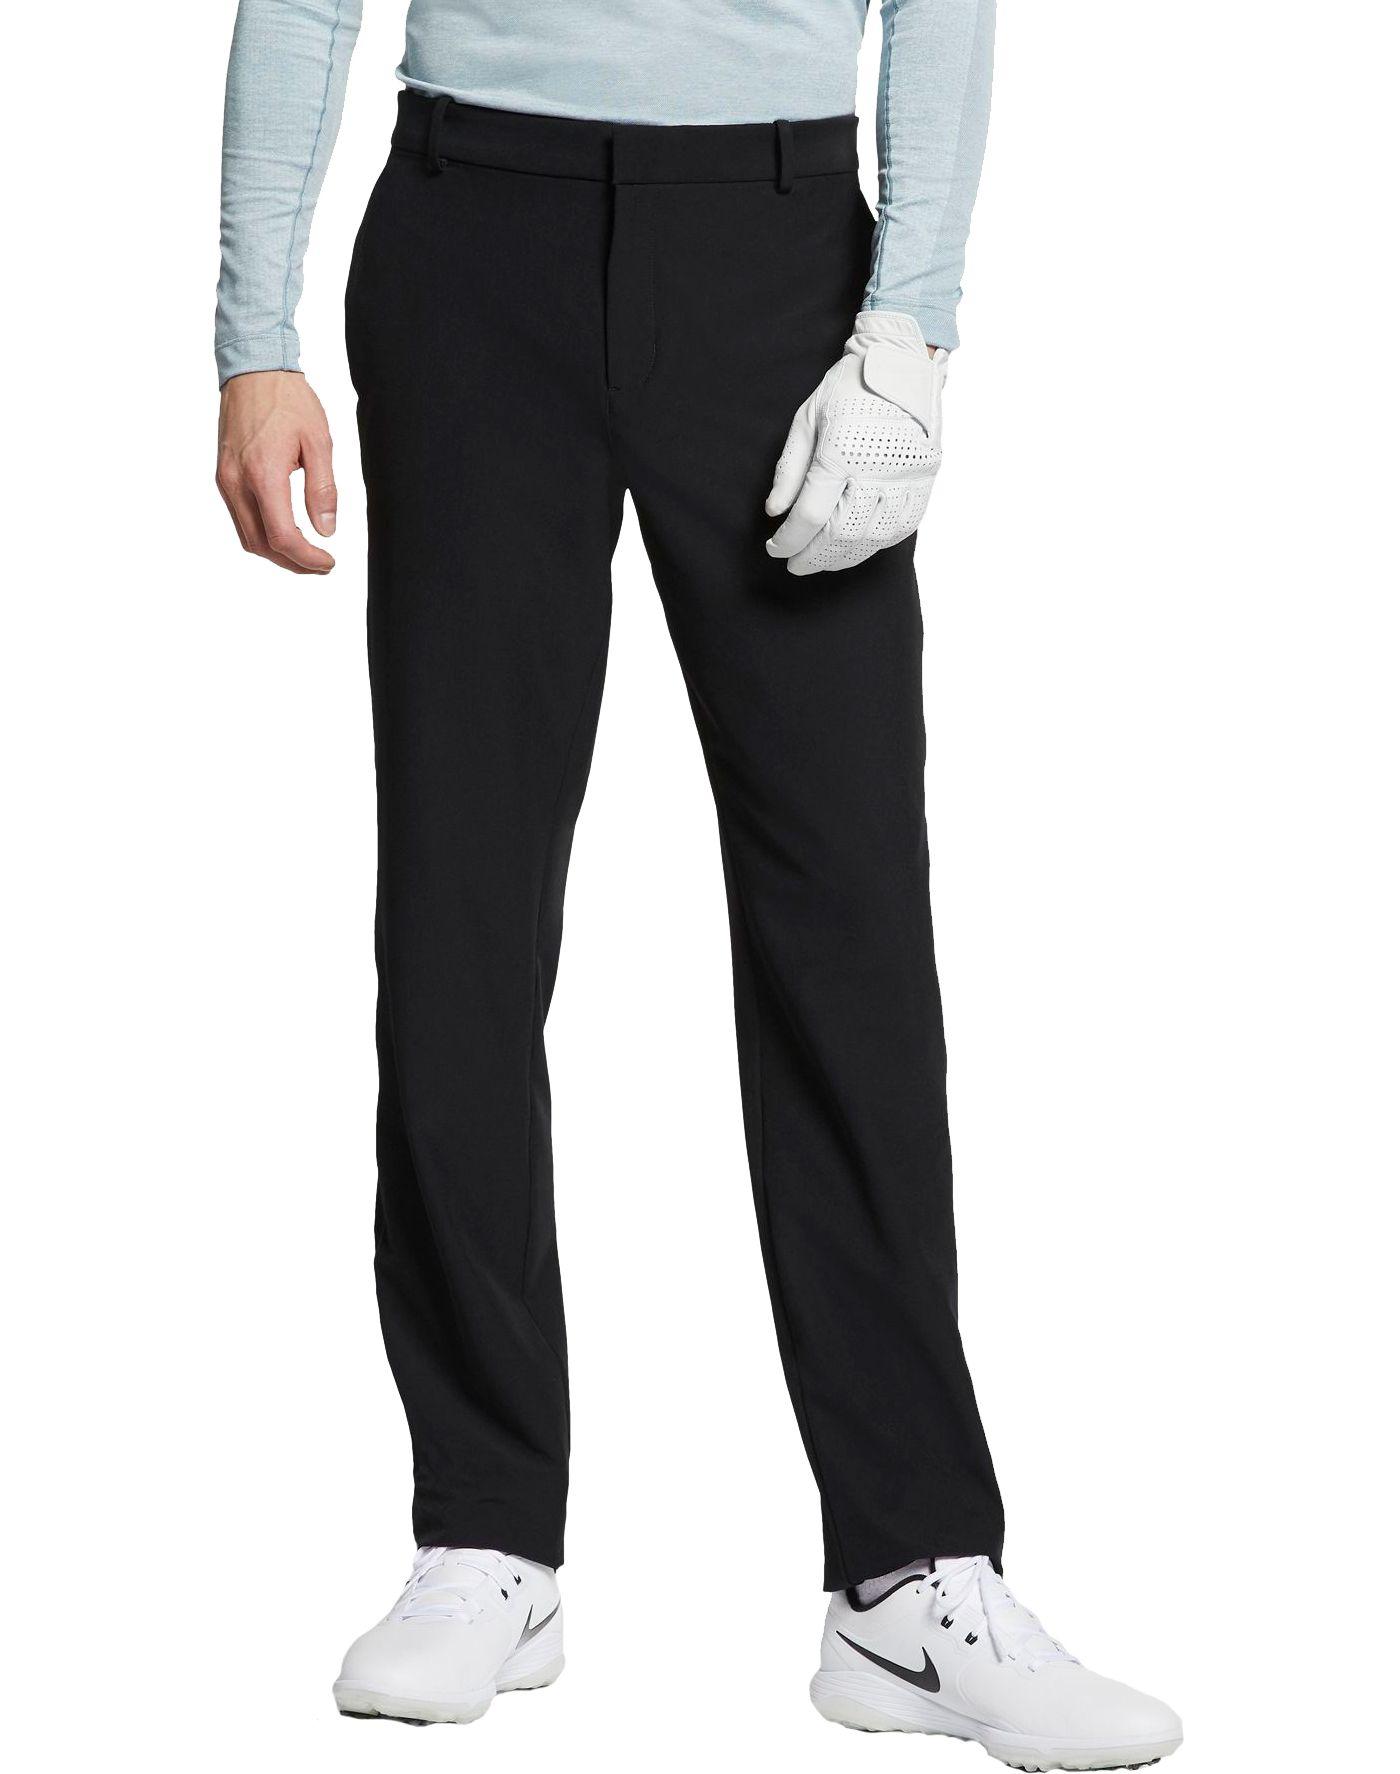 Nike Men's 2019 Hybrid Golf Pants